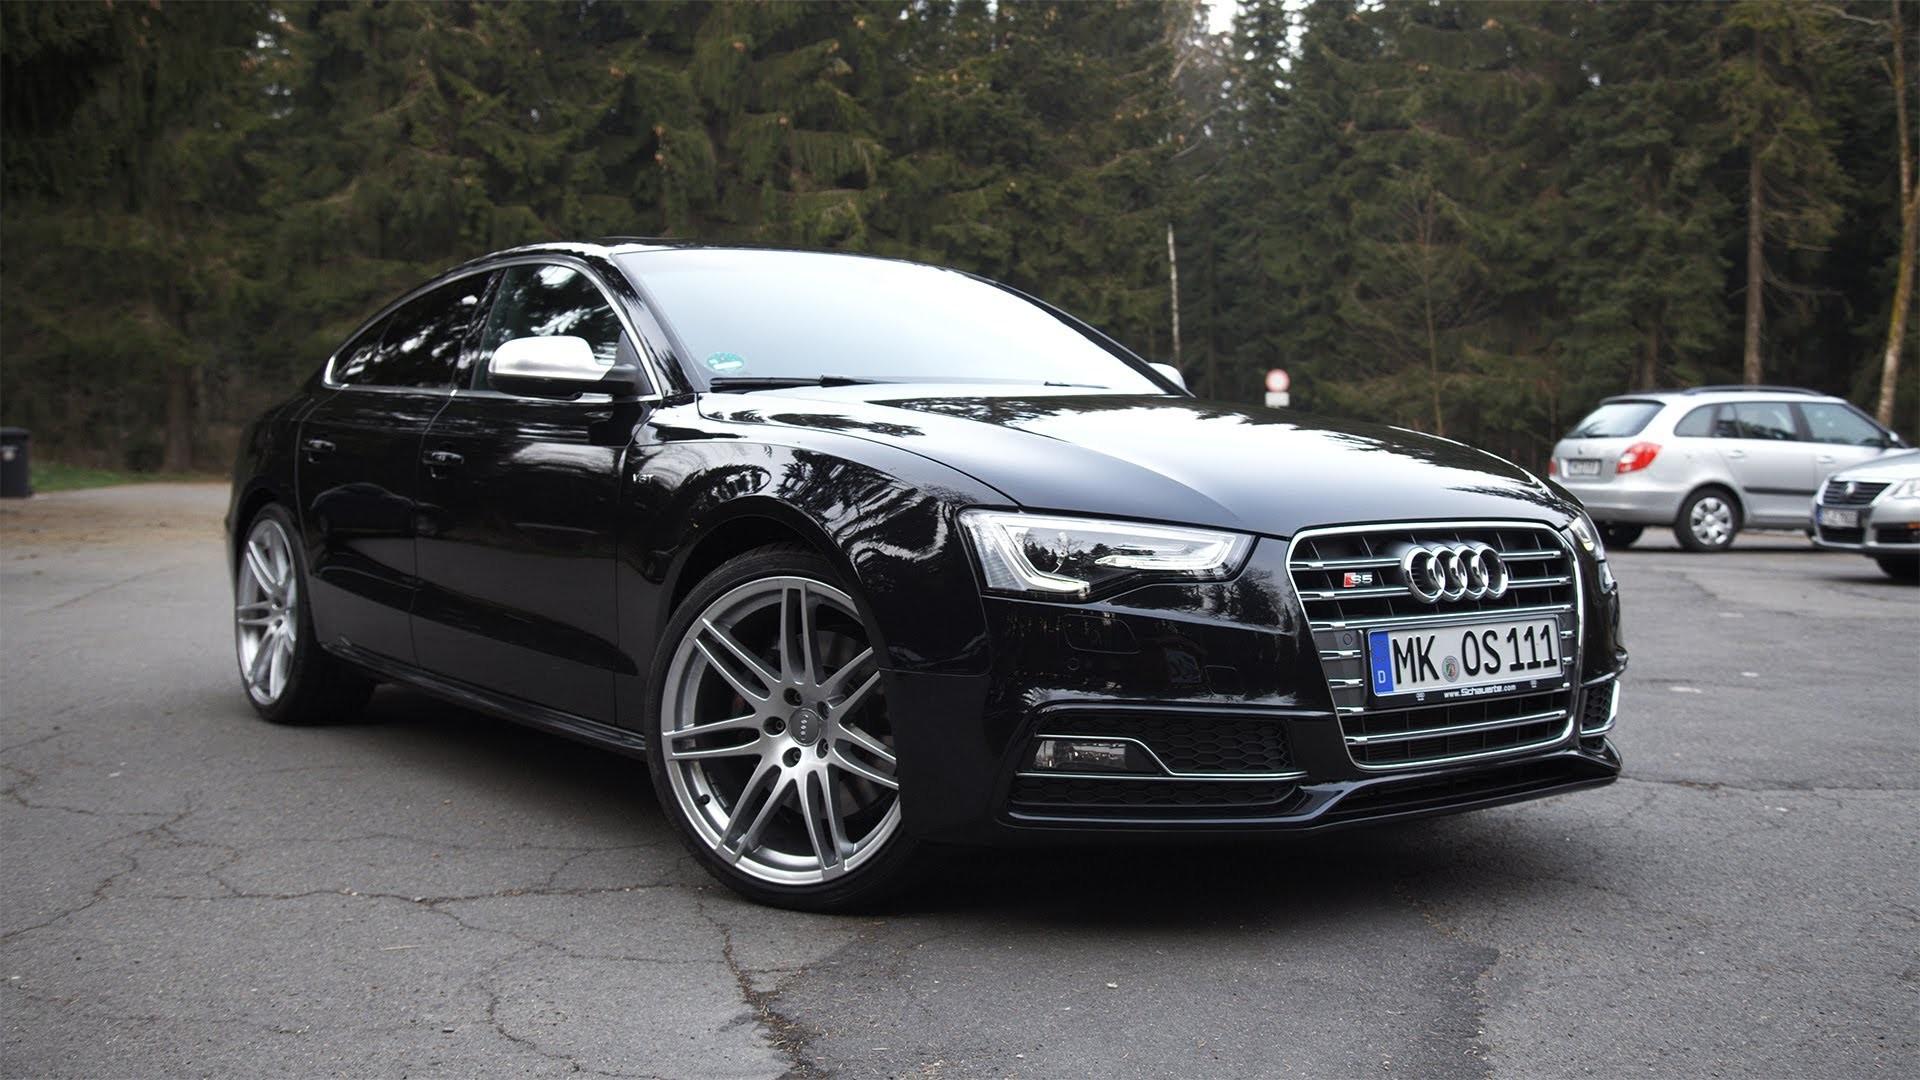 Res: 1920x1080, Audi s5